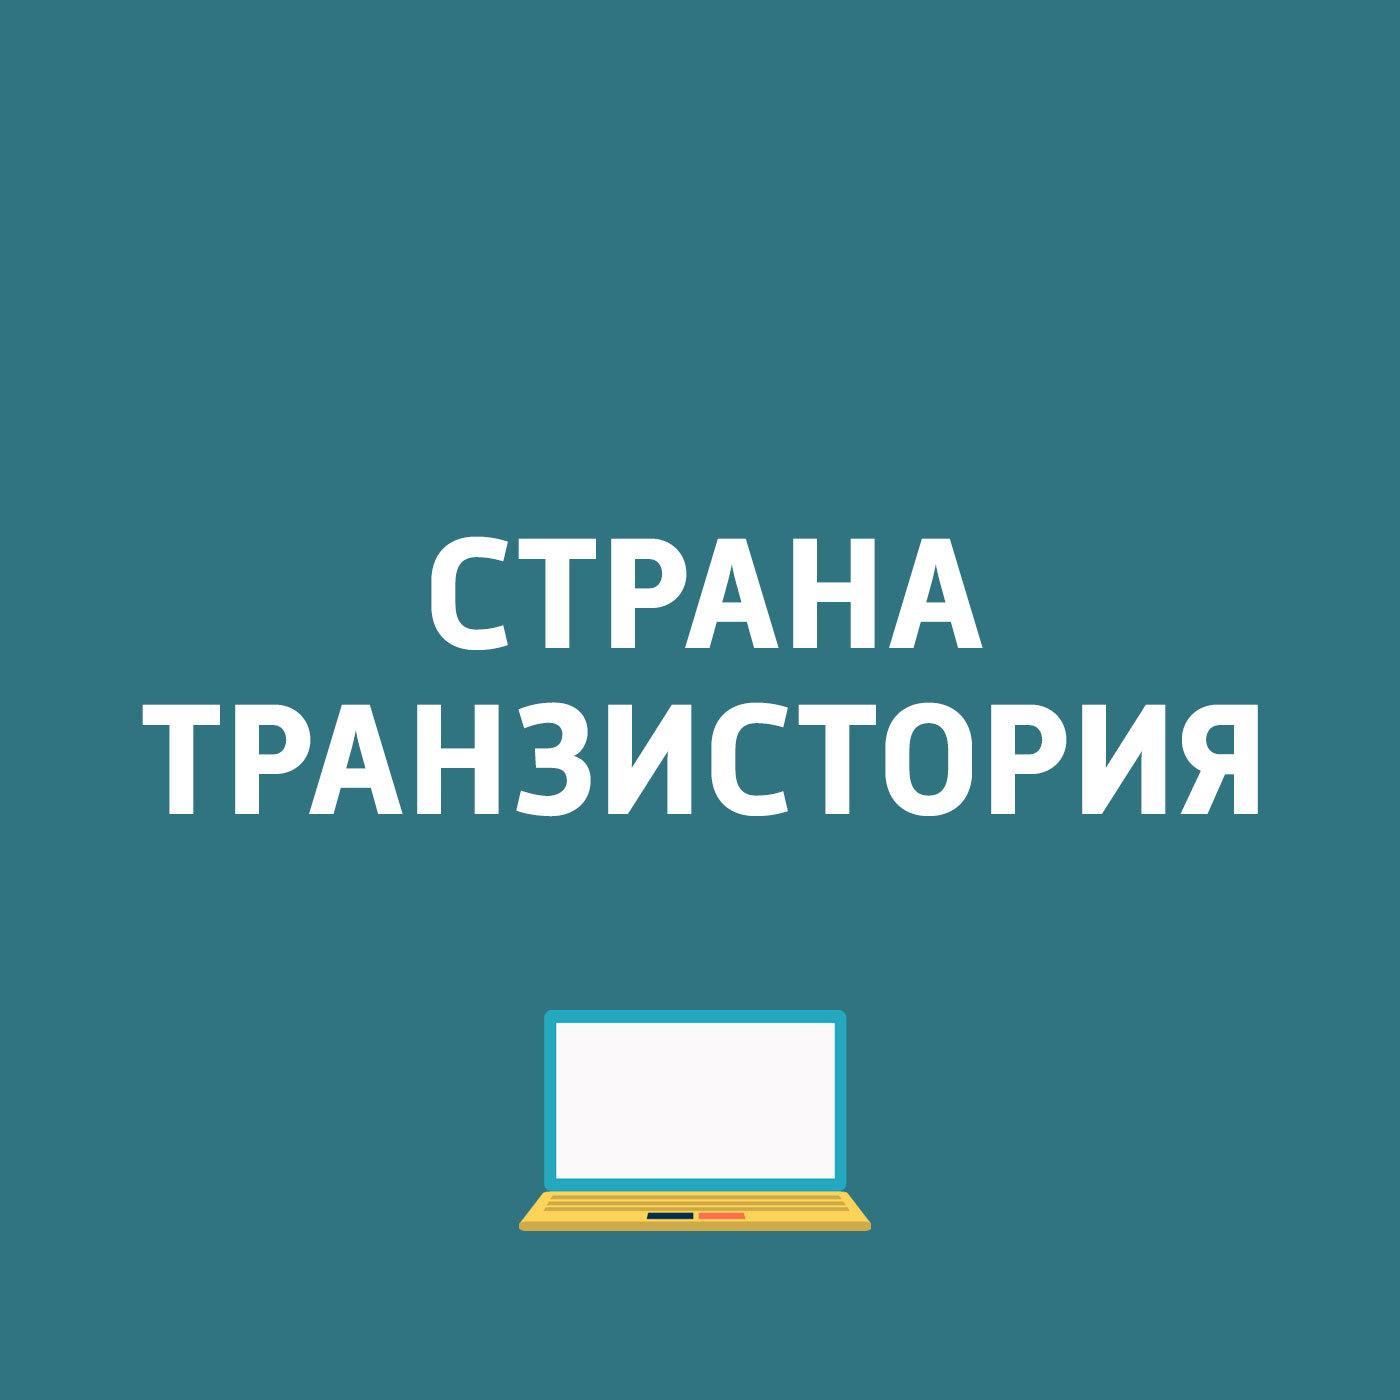 Картаев Павел Nokia 216. Самозашнуровывающиеся кроссовки Nike. «Лаборатория Касперского: Более 77% российских пользователей работают с устаревшим ПО